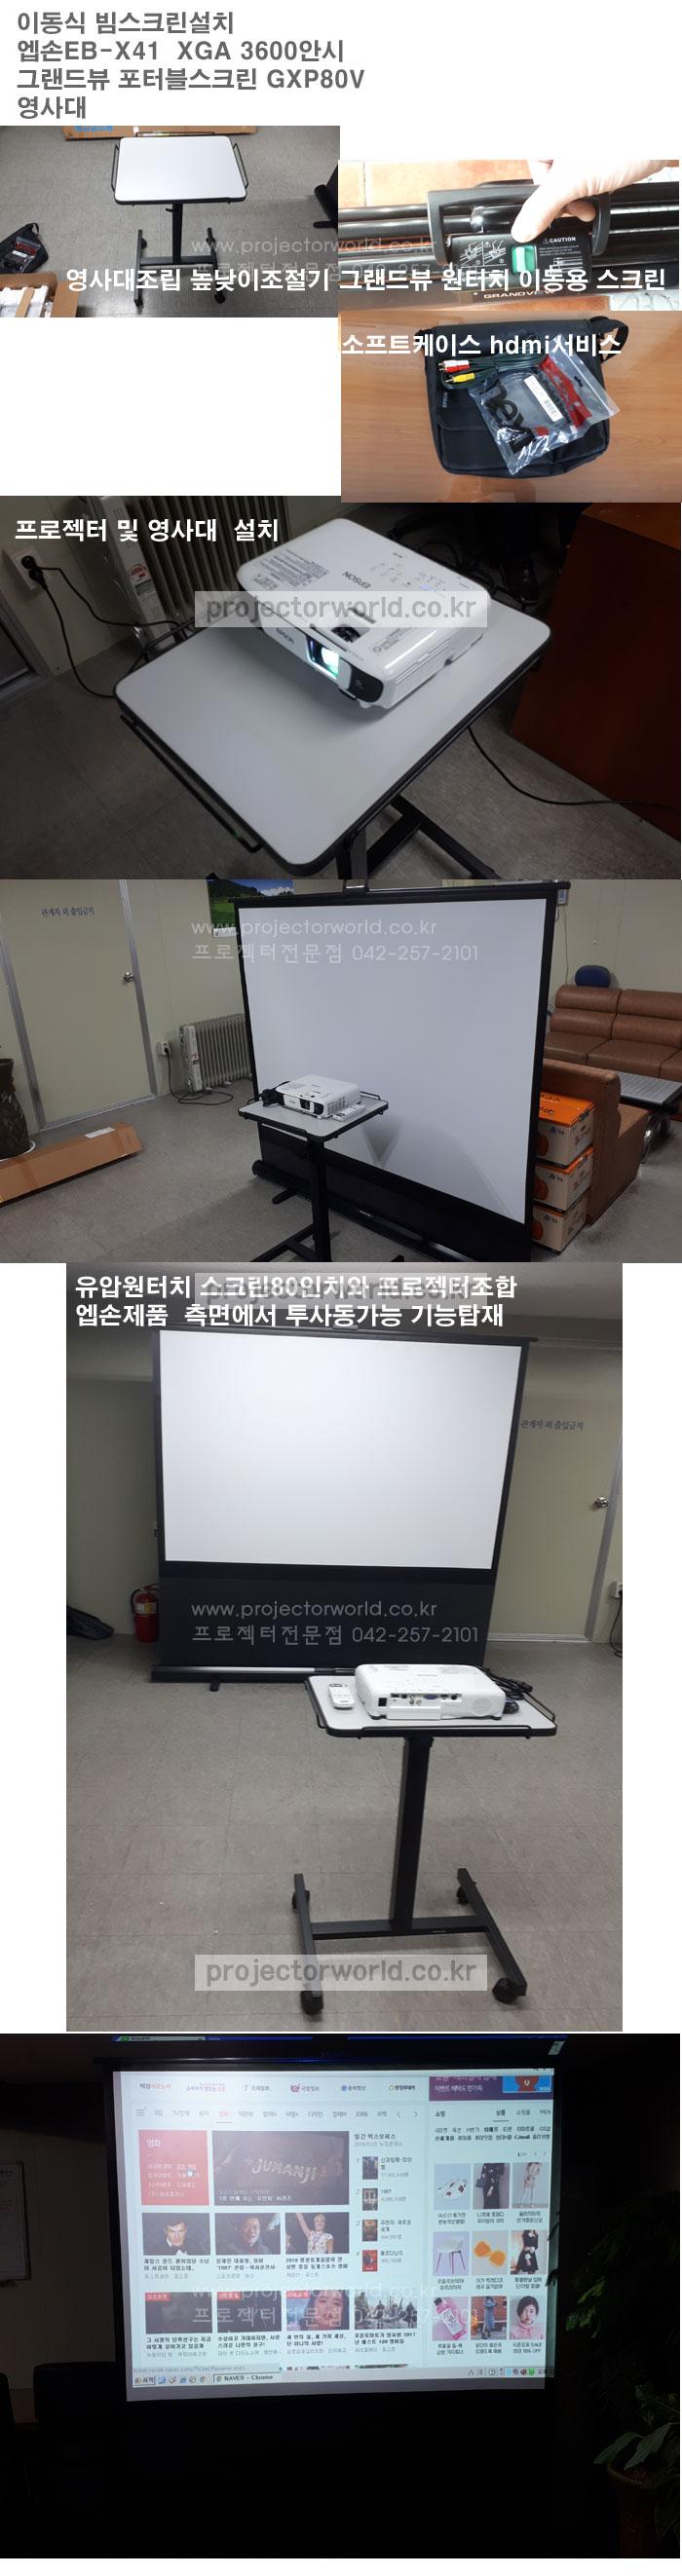 빔영사대,청주프로젝터,eb-x41,GXP80,